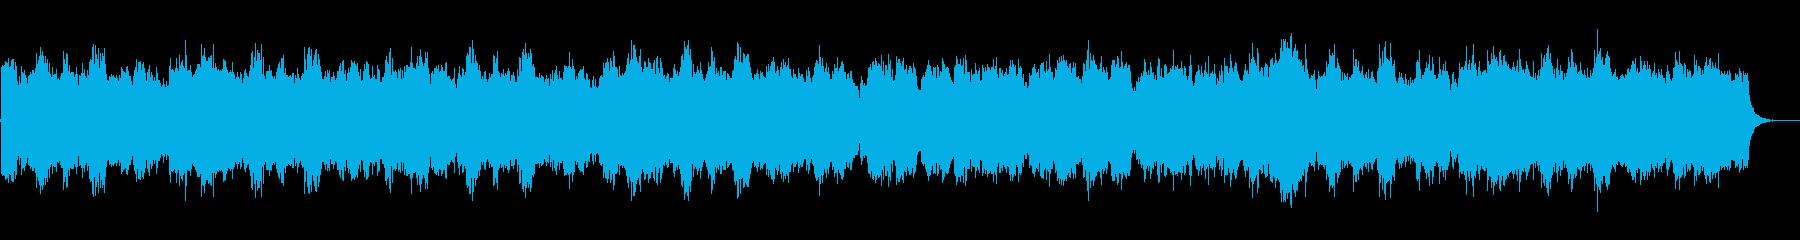 ヴァイオリンとピアノ 和風クラシックの再生済みの波形